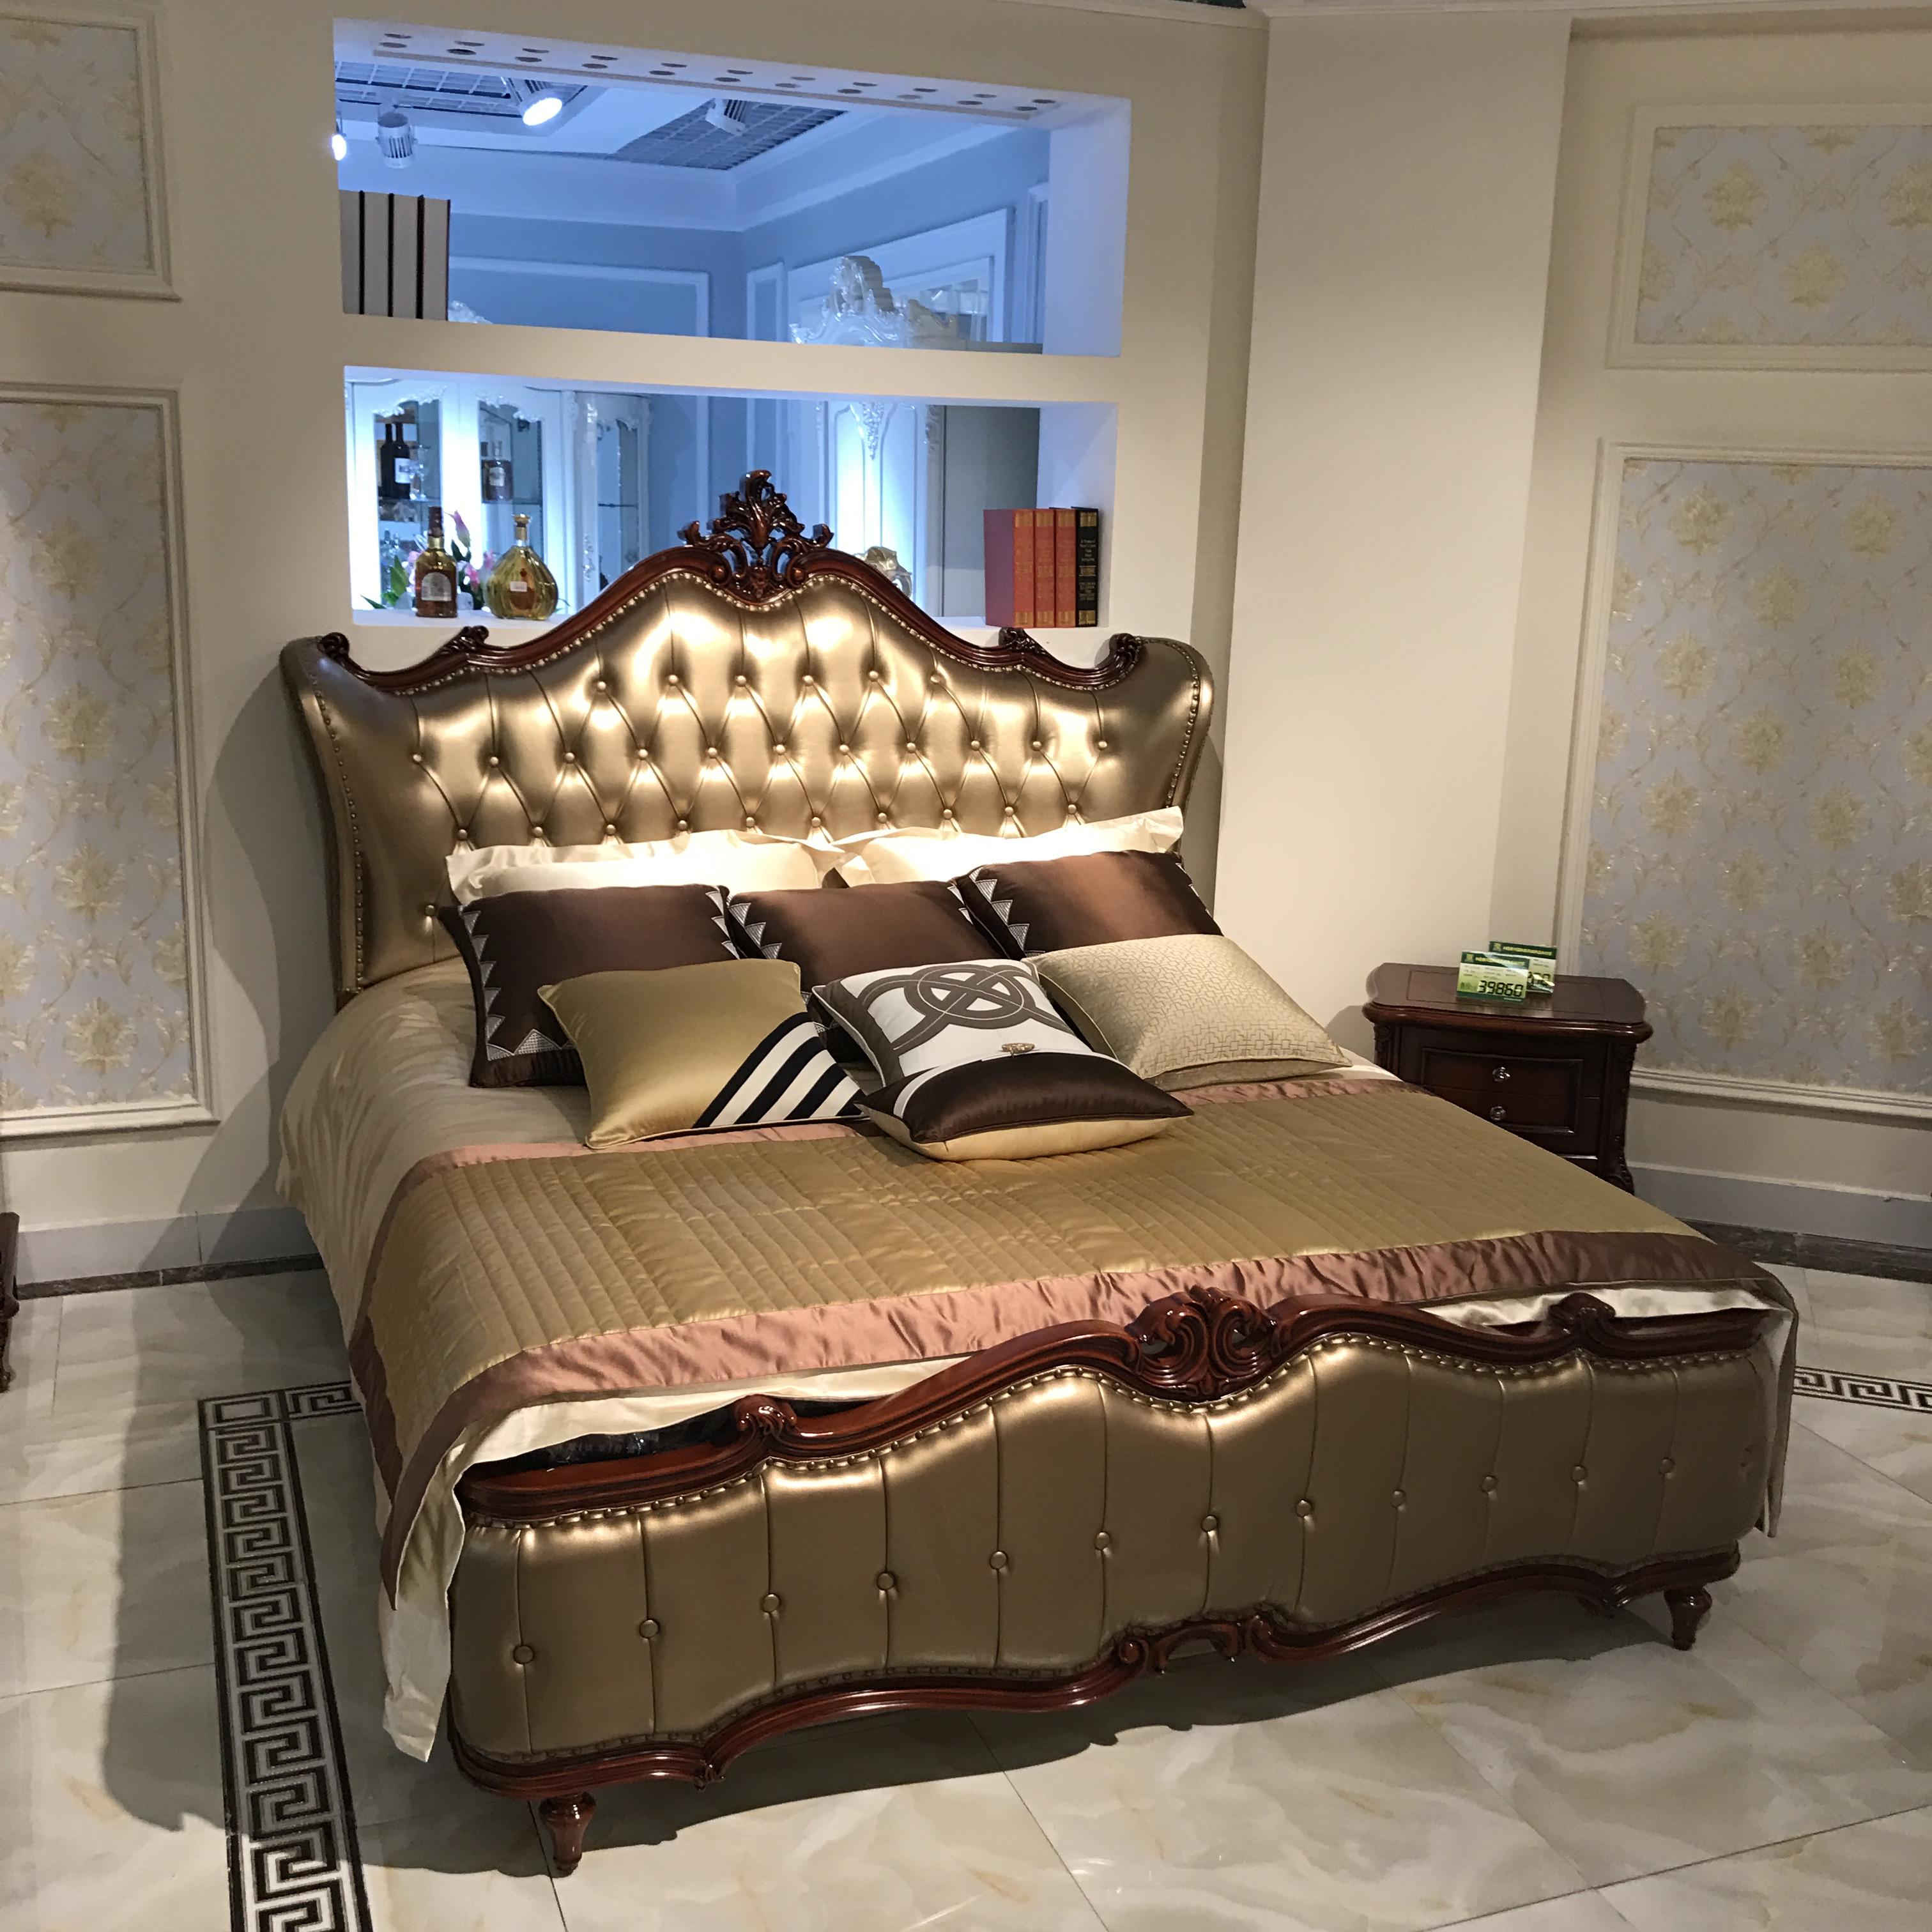 欧式实木床,欧式酒柜,欧式客厅,欧式茶几,欧式电视柜,欧式书柜,欧式